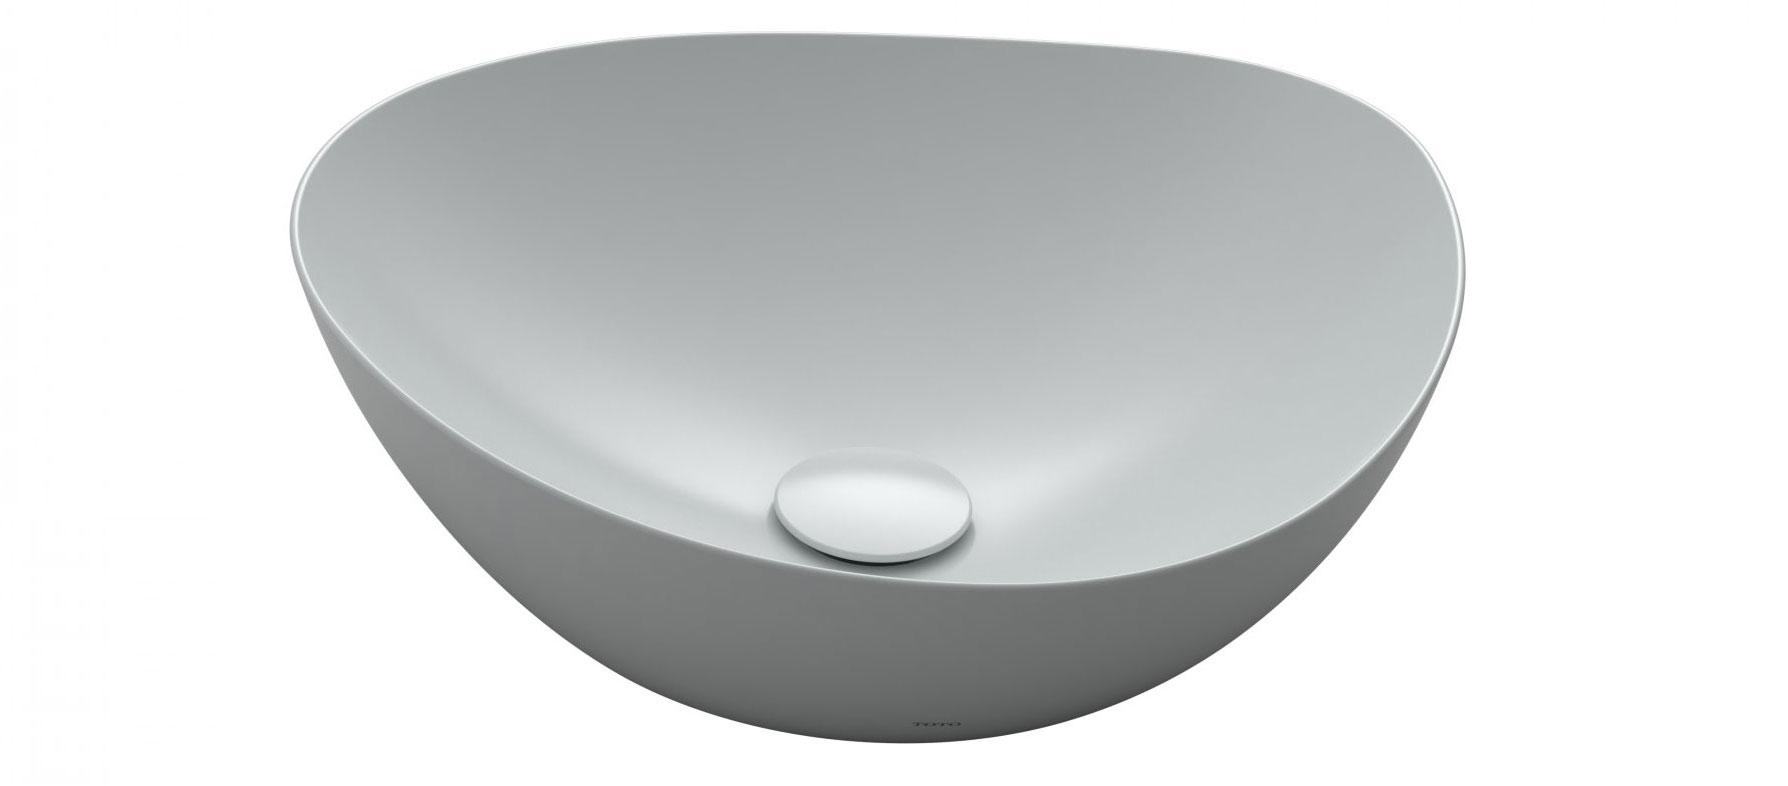 Lavabo đặt bàn TOTO LT4704G17